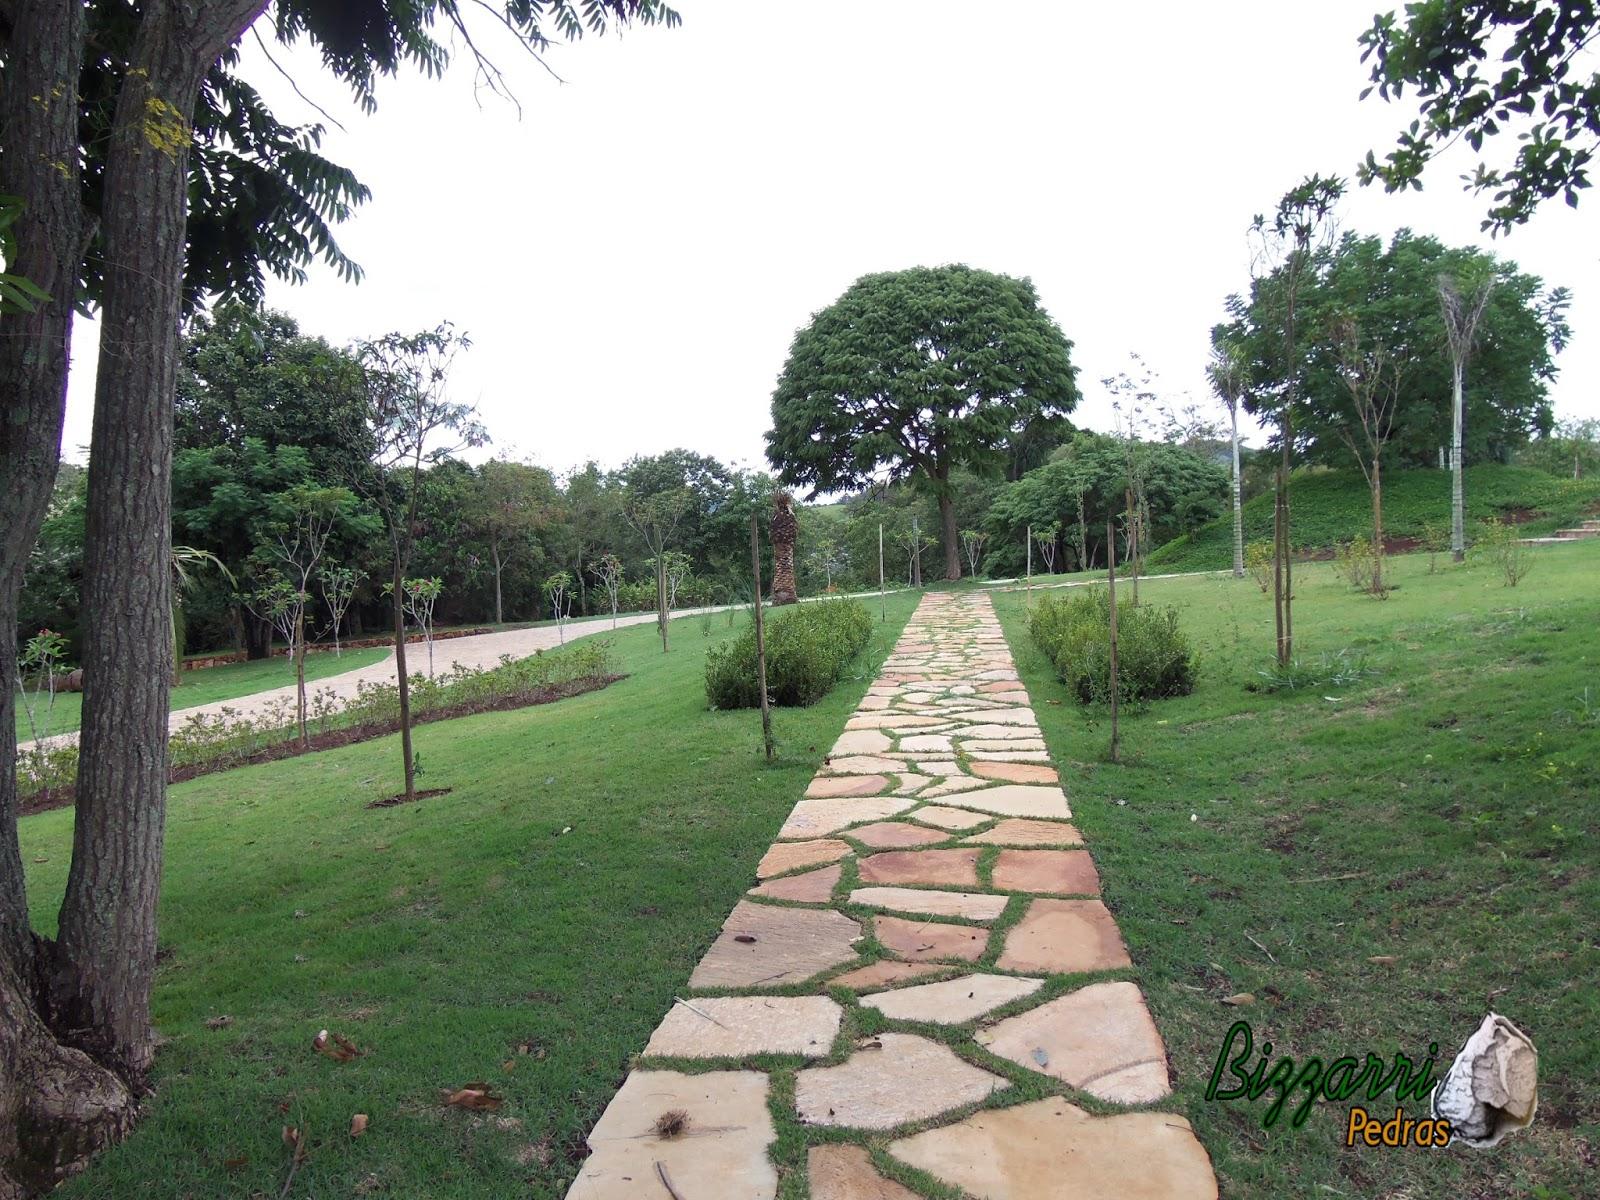 pedra jardim caminho:Caminho de pedra pronto com pedra tipo cacão de Goiás com junta de